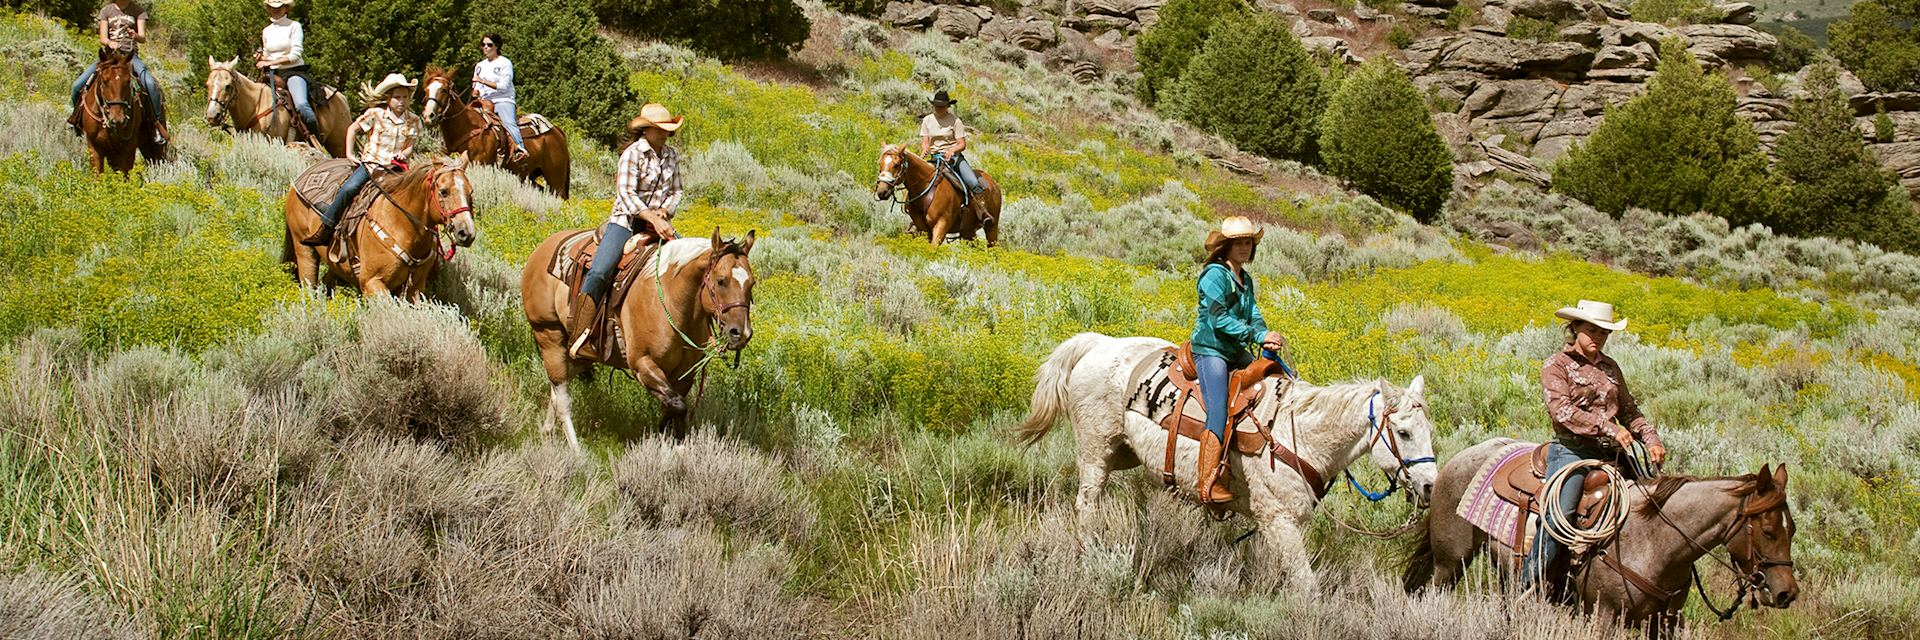 Riding at the Lodge & Spa at Brush Creek Ranch